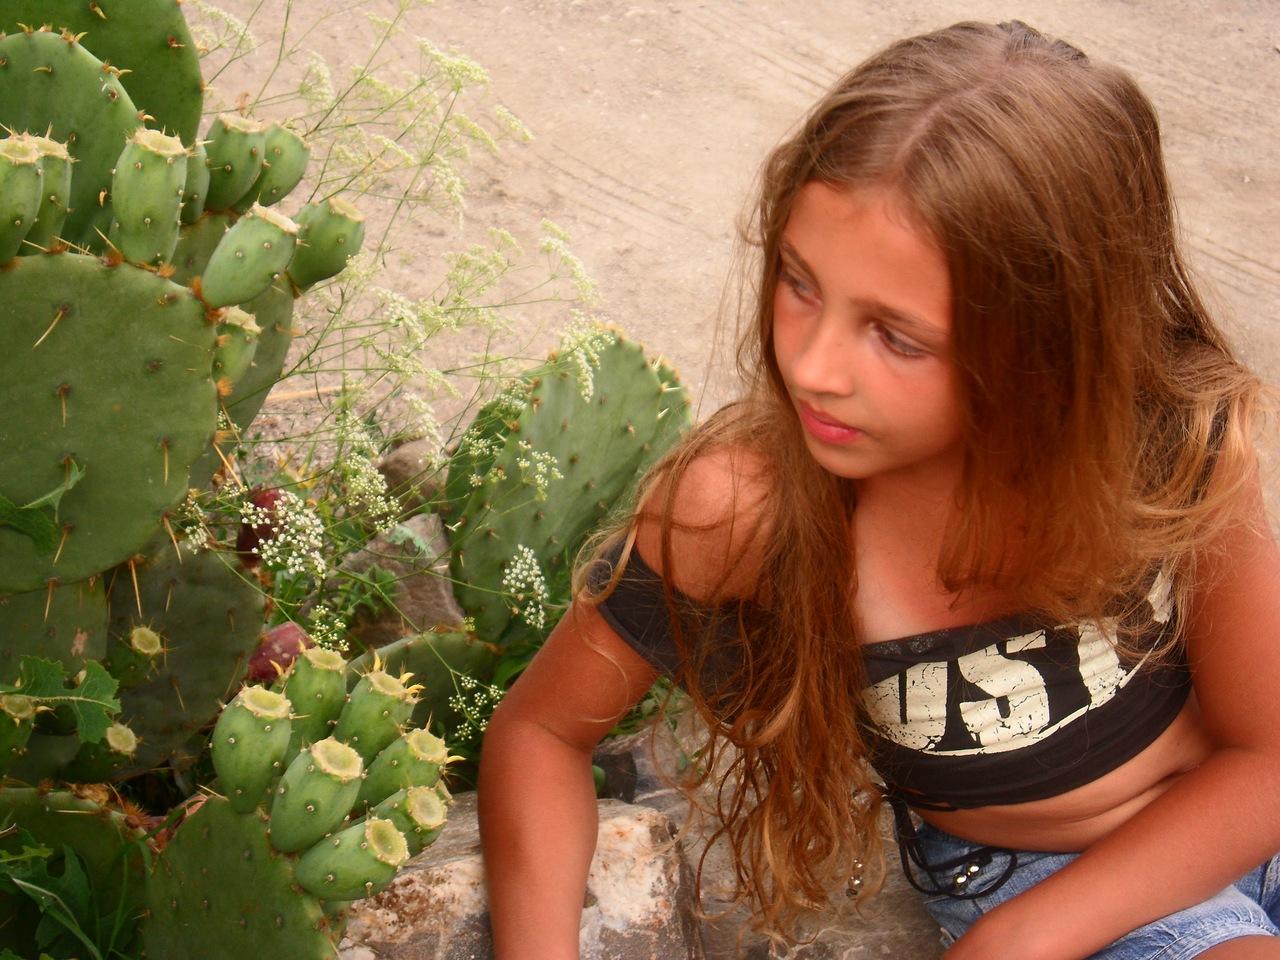 Katie m candydoll tv teen model